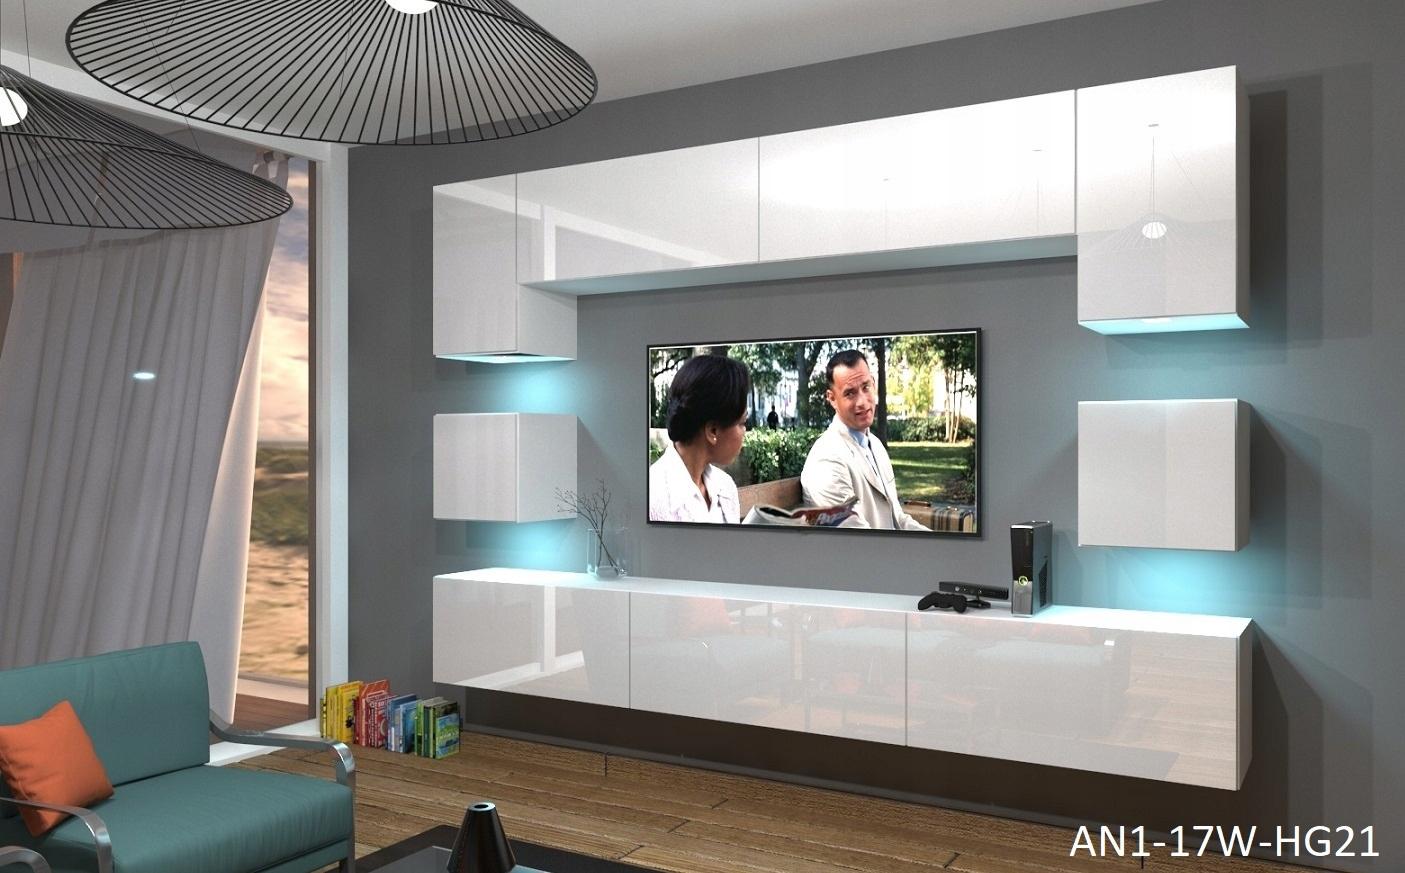 Full Size of Schrankwand Wohnzimmer Kommode Led Deckenleuchte Bilder Xxl Vorhänge Lampen Lampe Dekoration Hängeschrank Deckenlampen Modern Beleuchtung Komplett Wohnzimmer Schrankwand Wohnzimmer